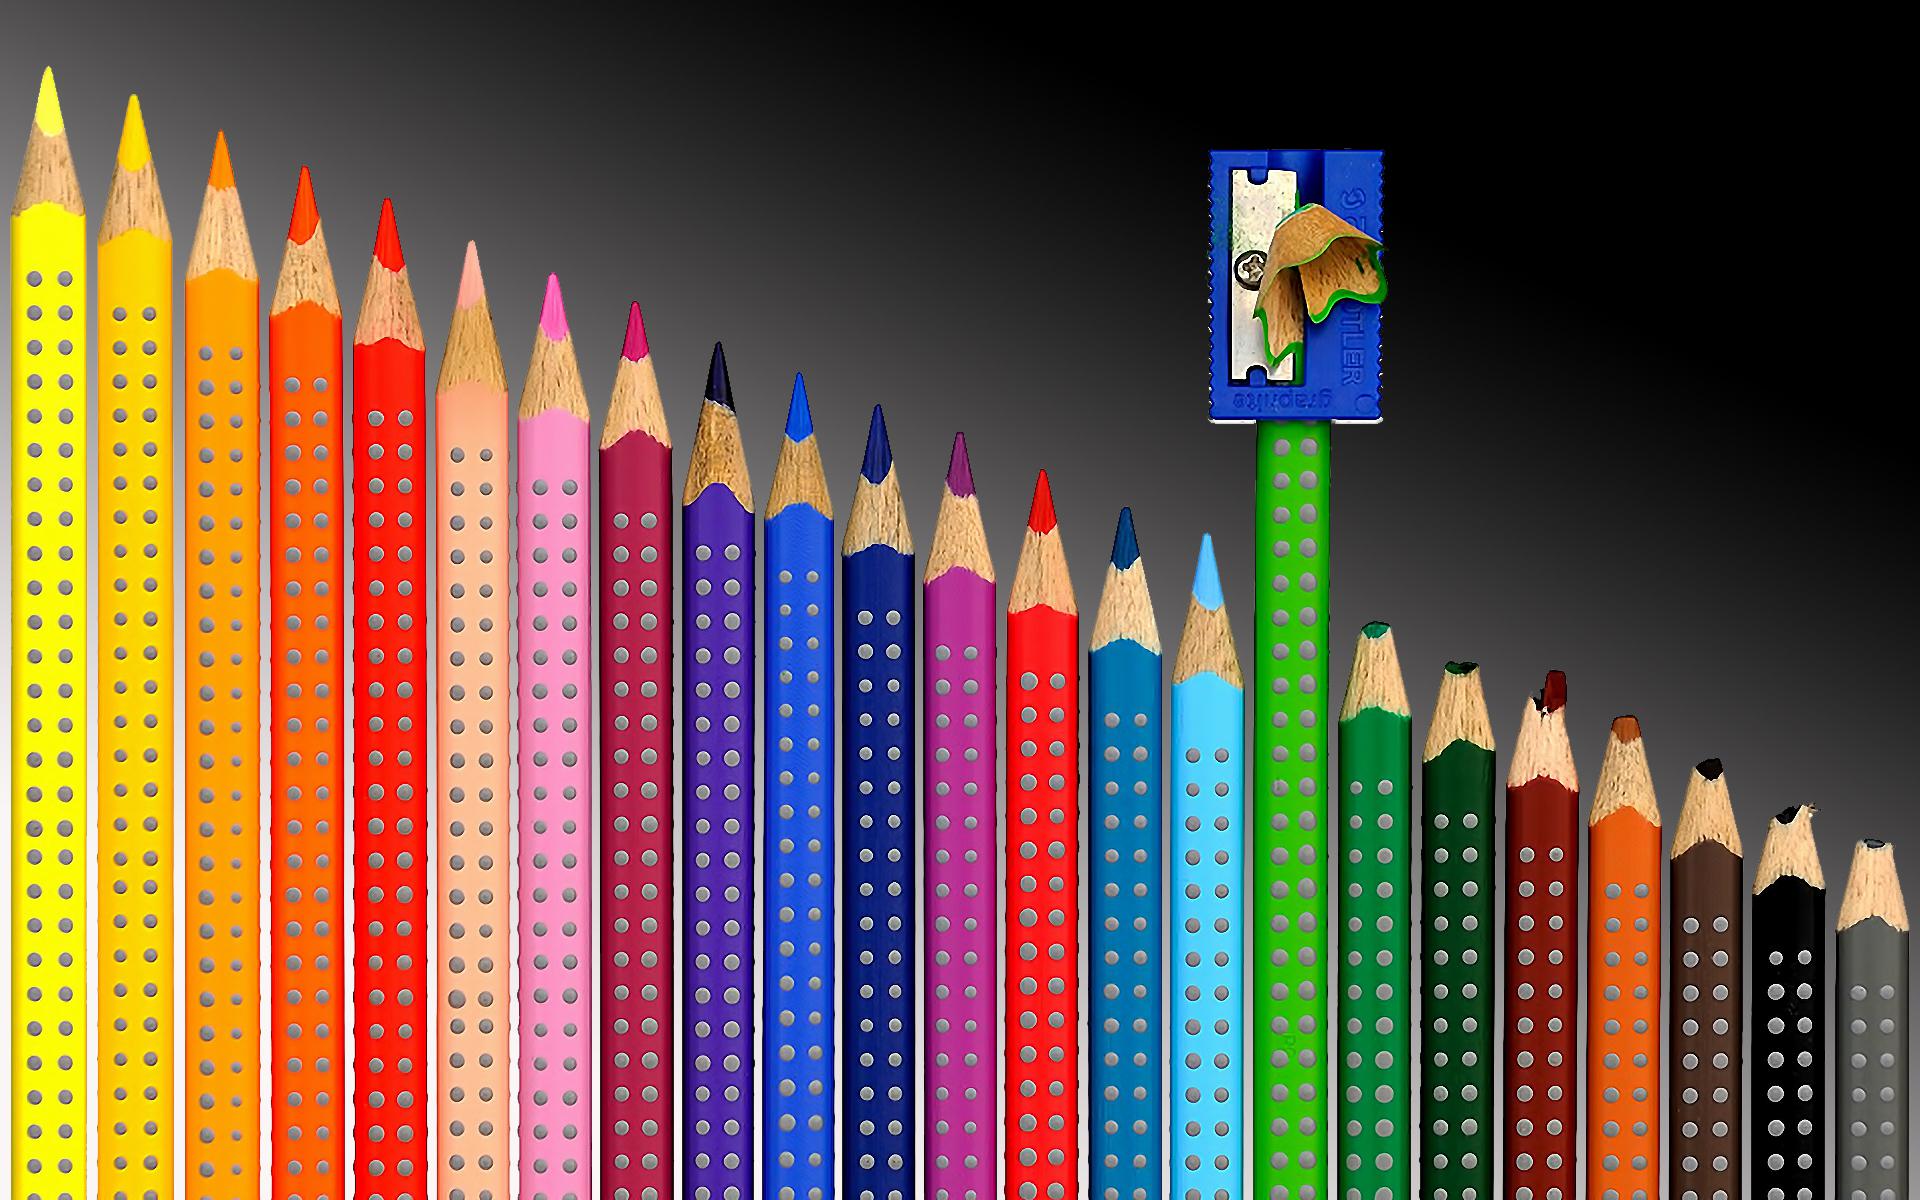 разноцветные карандаши  № 2931983 бесплатно